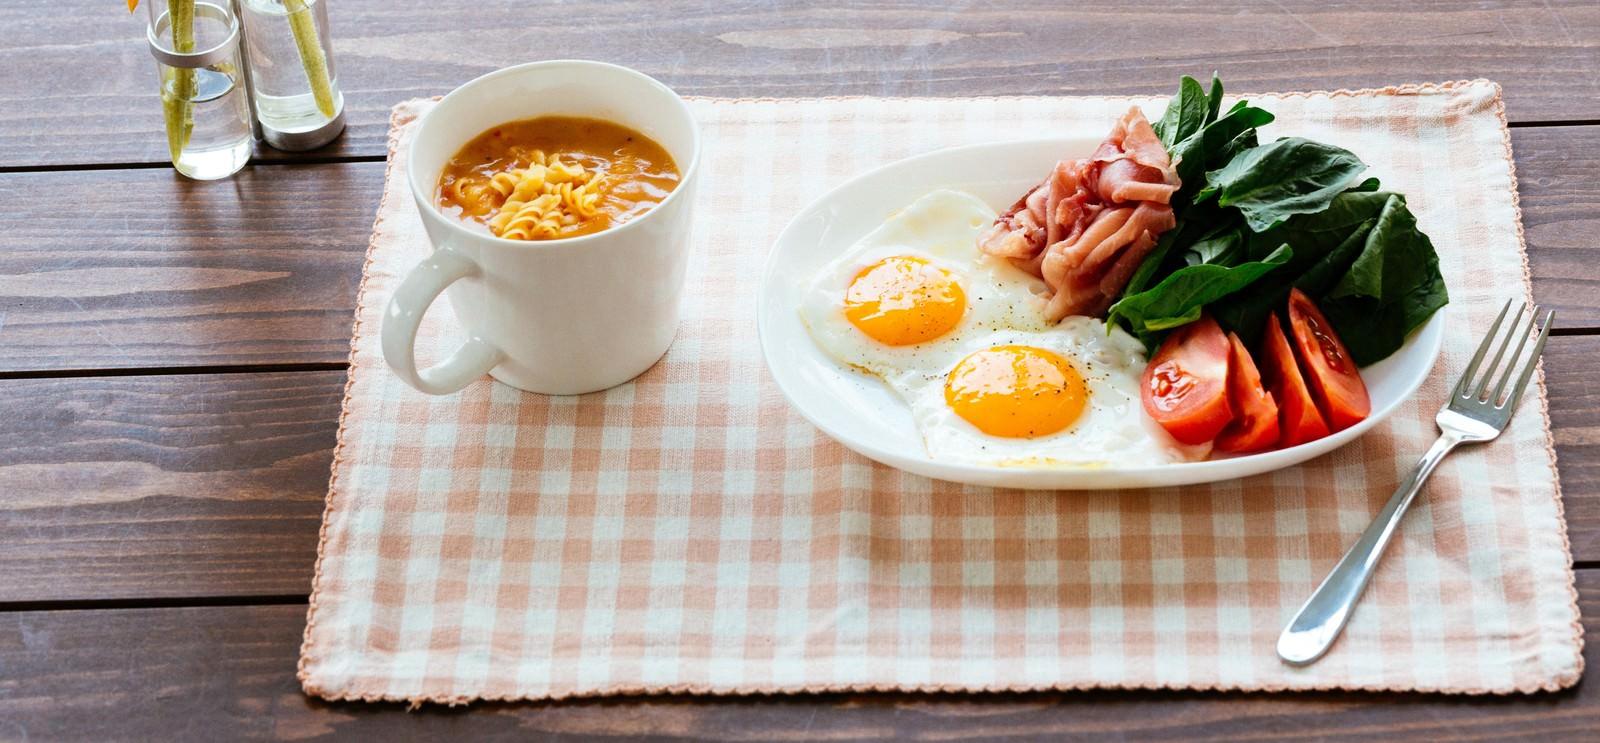 「朝食目玉焼きセット朝食目玉焼きセット」のフリー写真素材を拡大